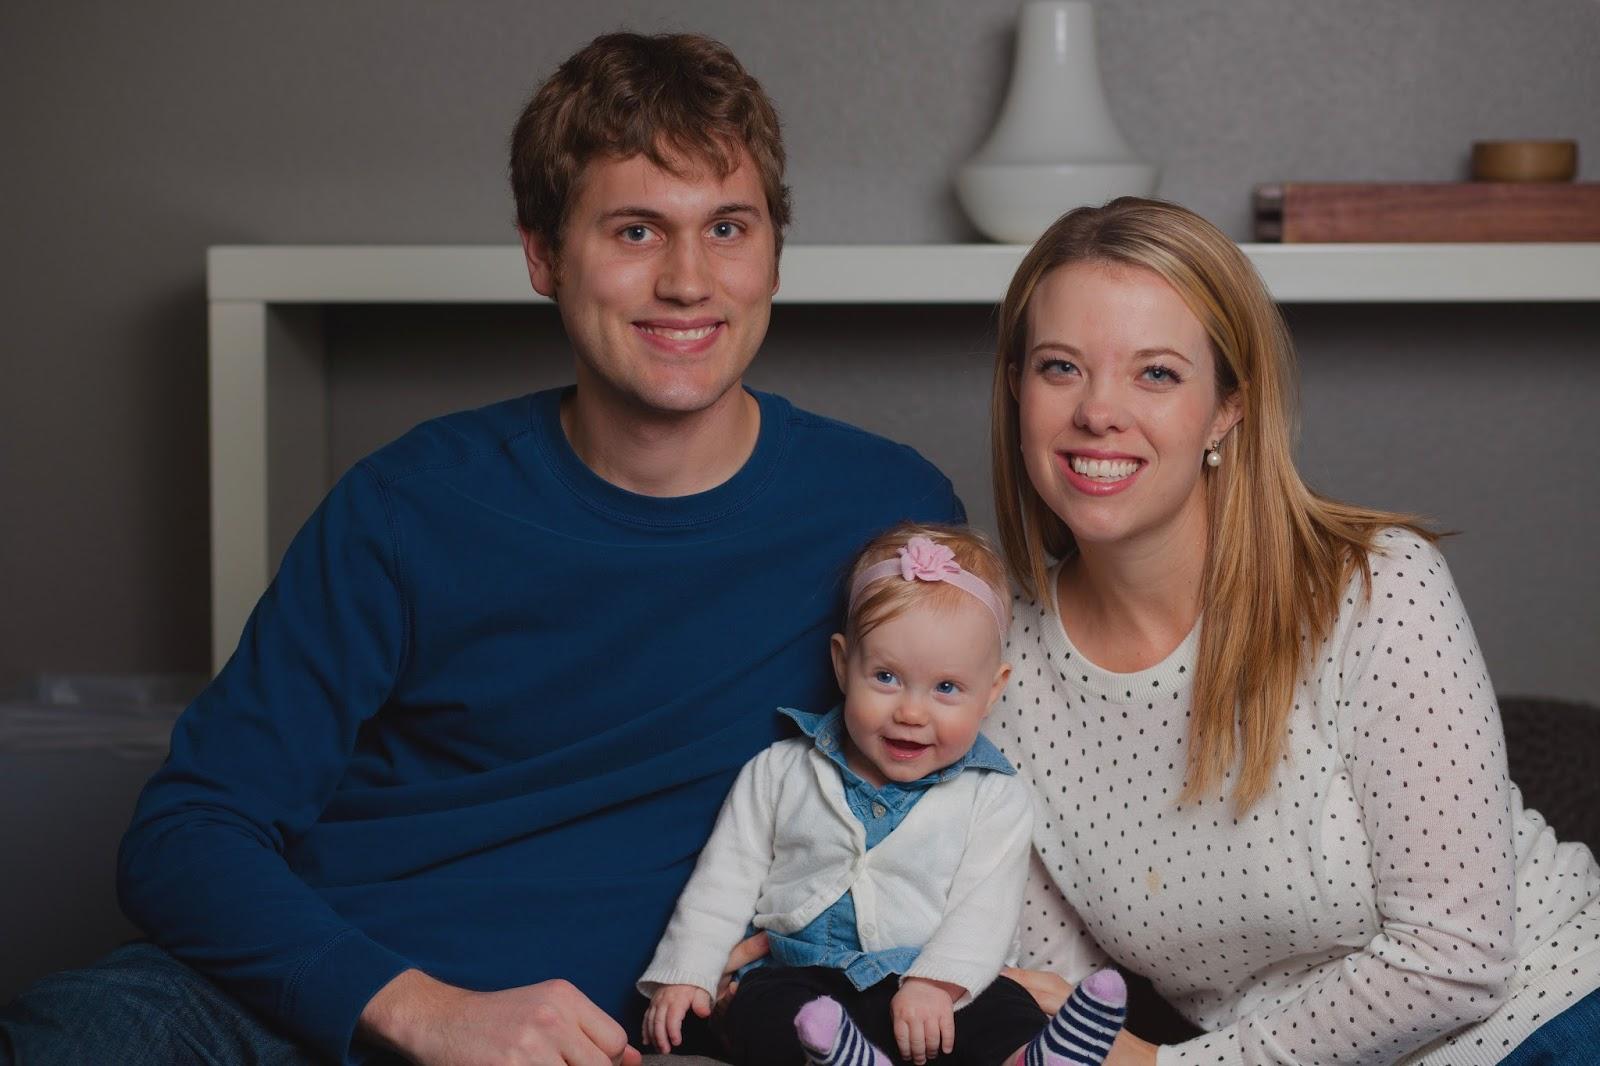 Brian's Lovely Family